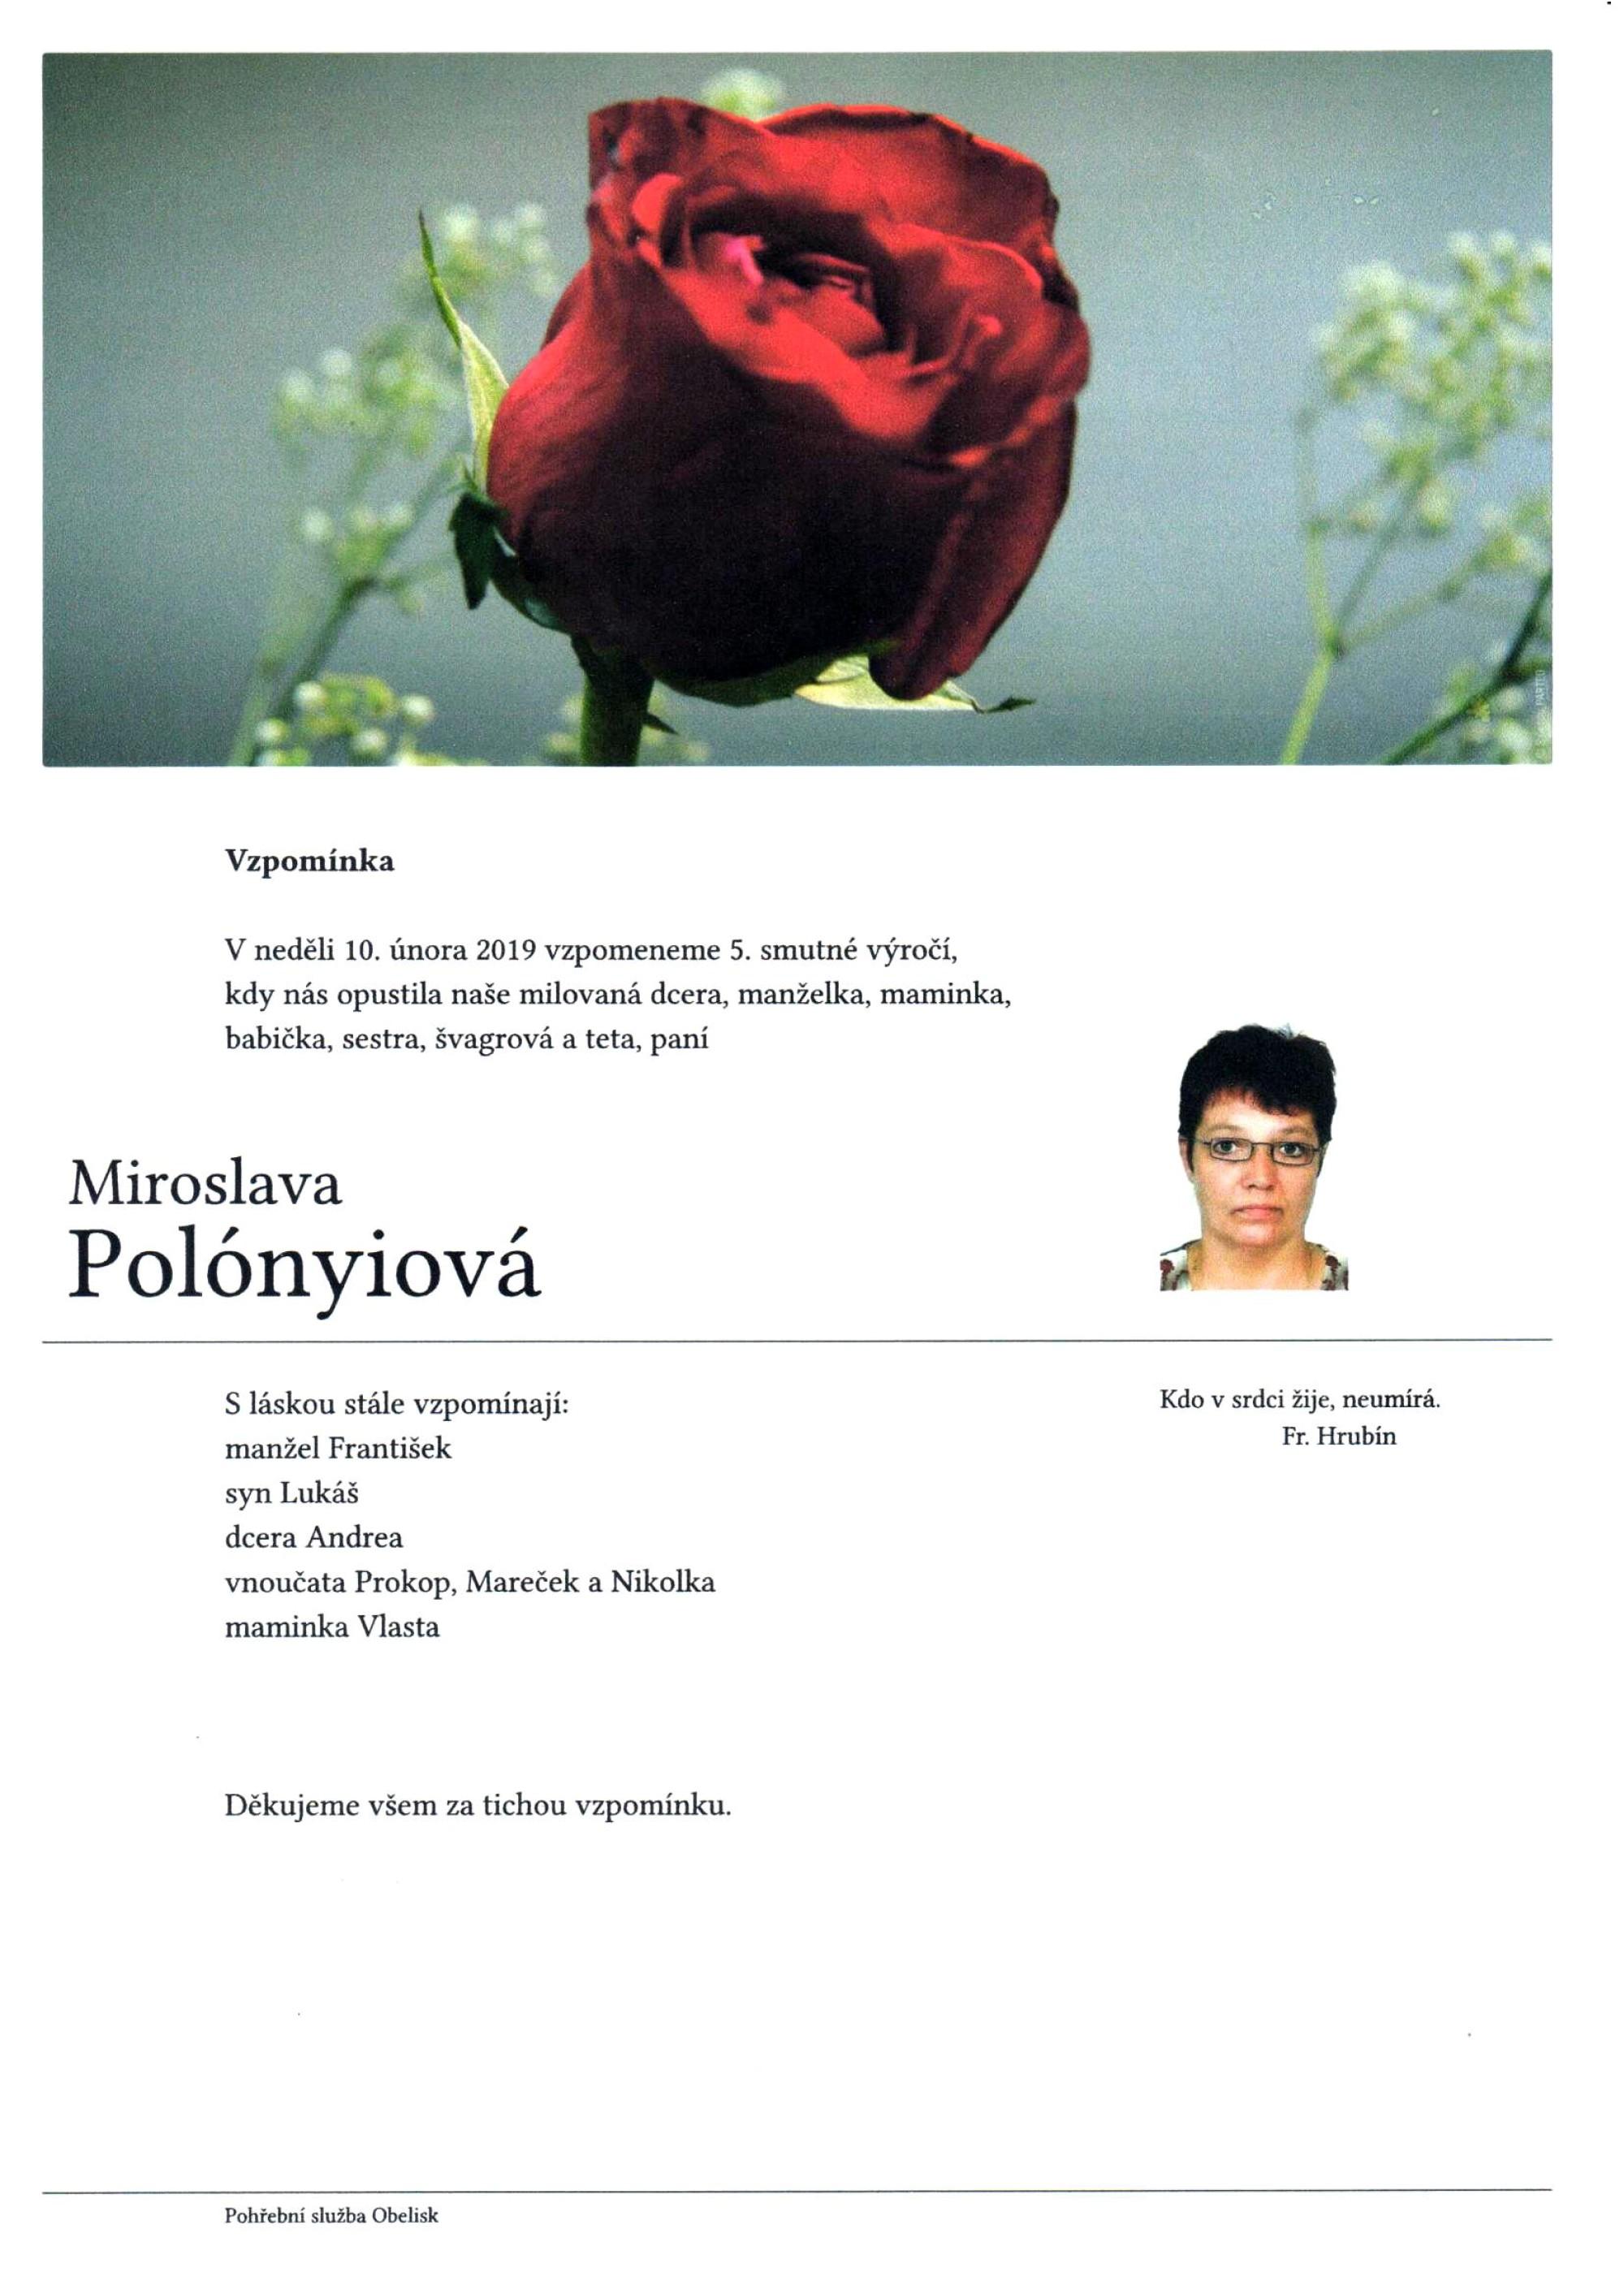 Miroslava Polónyiová